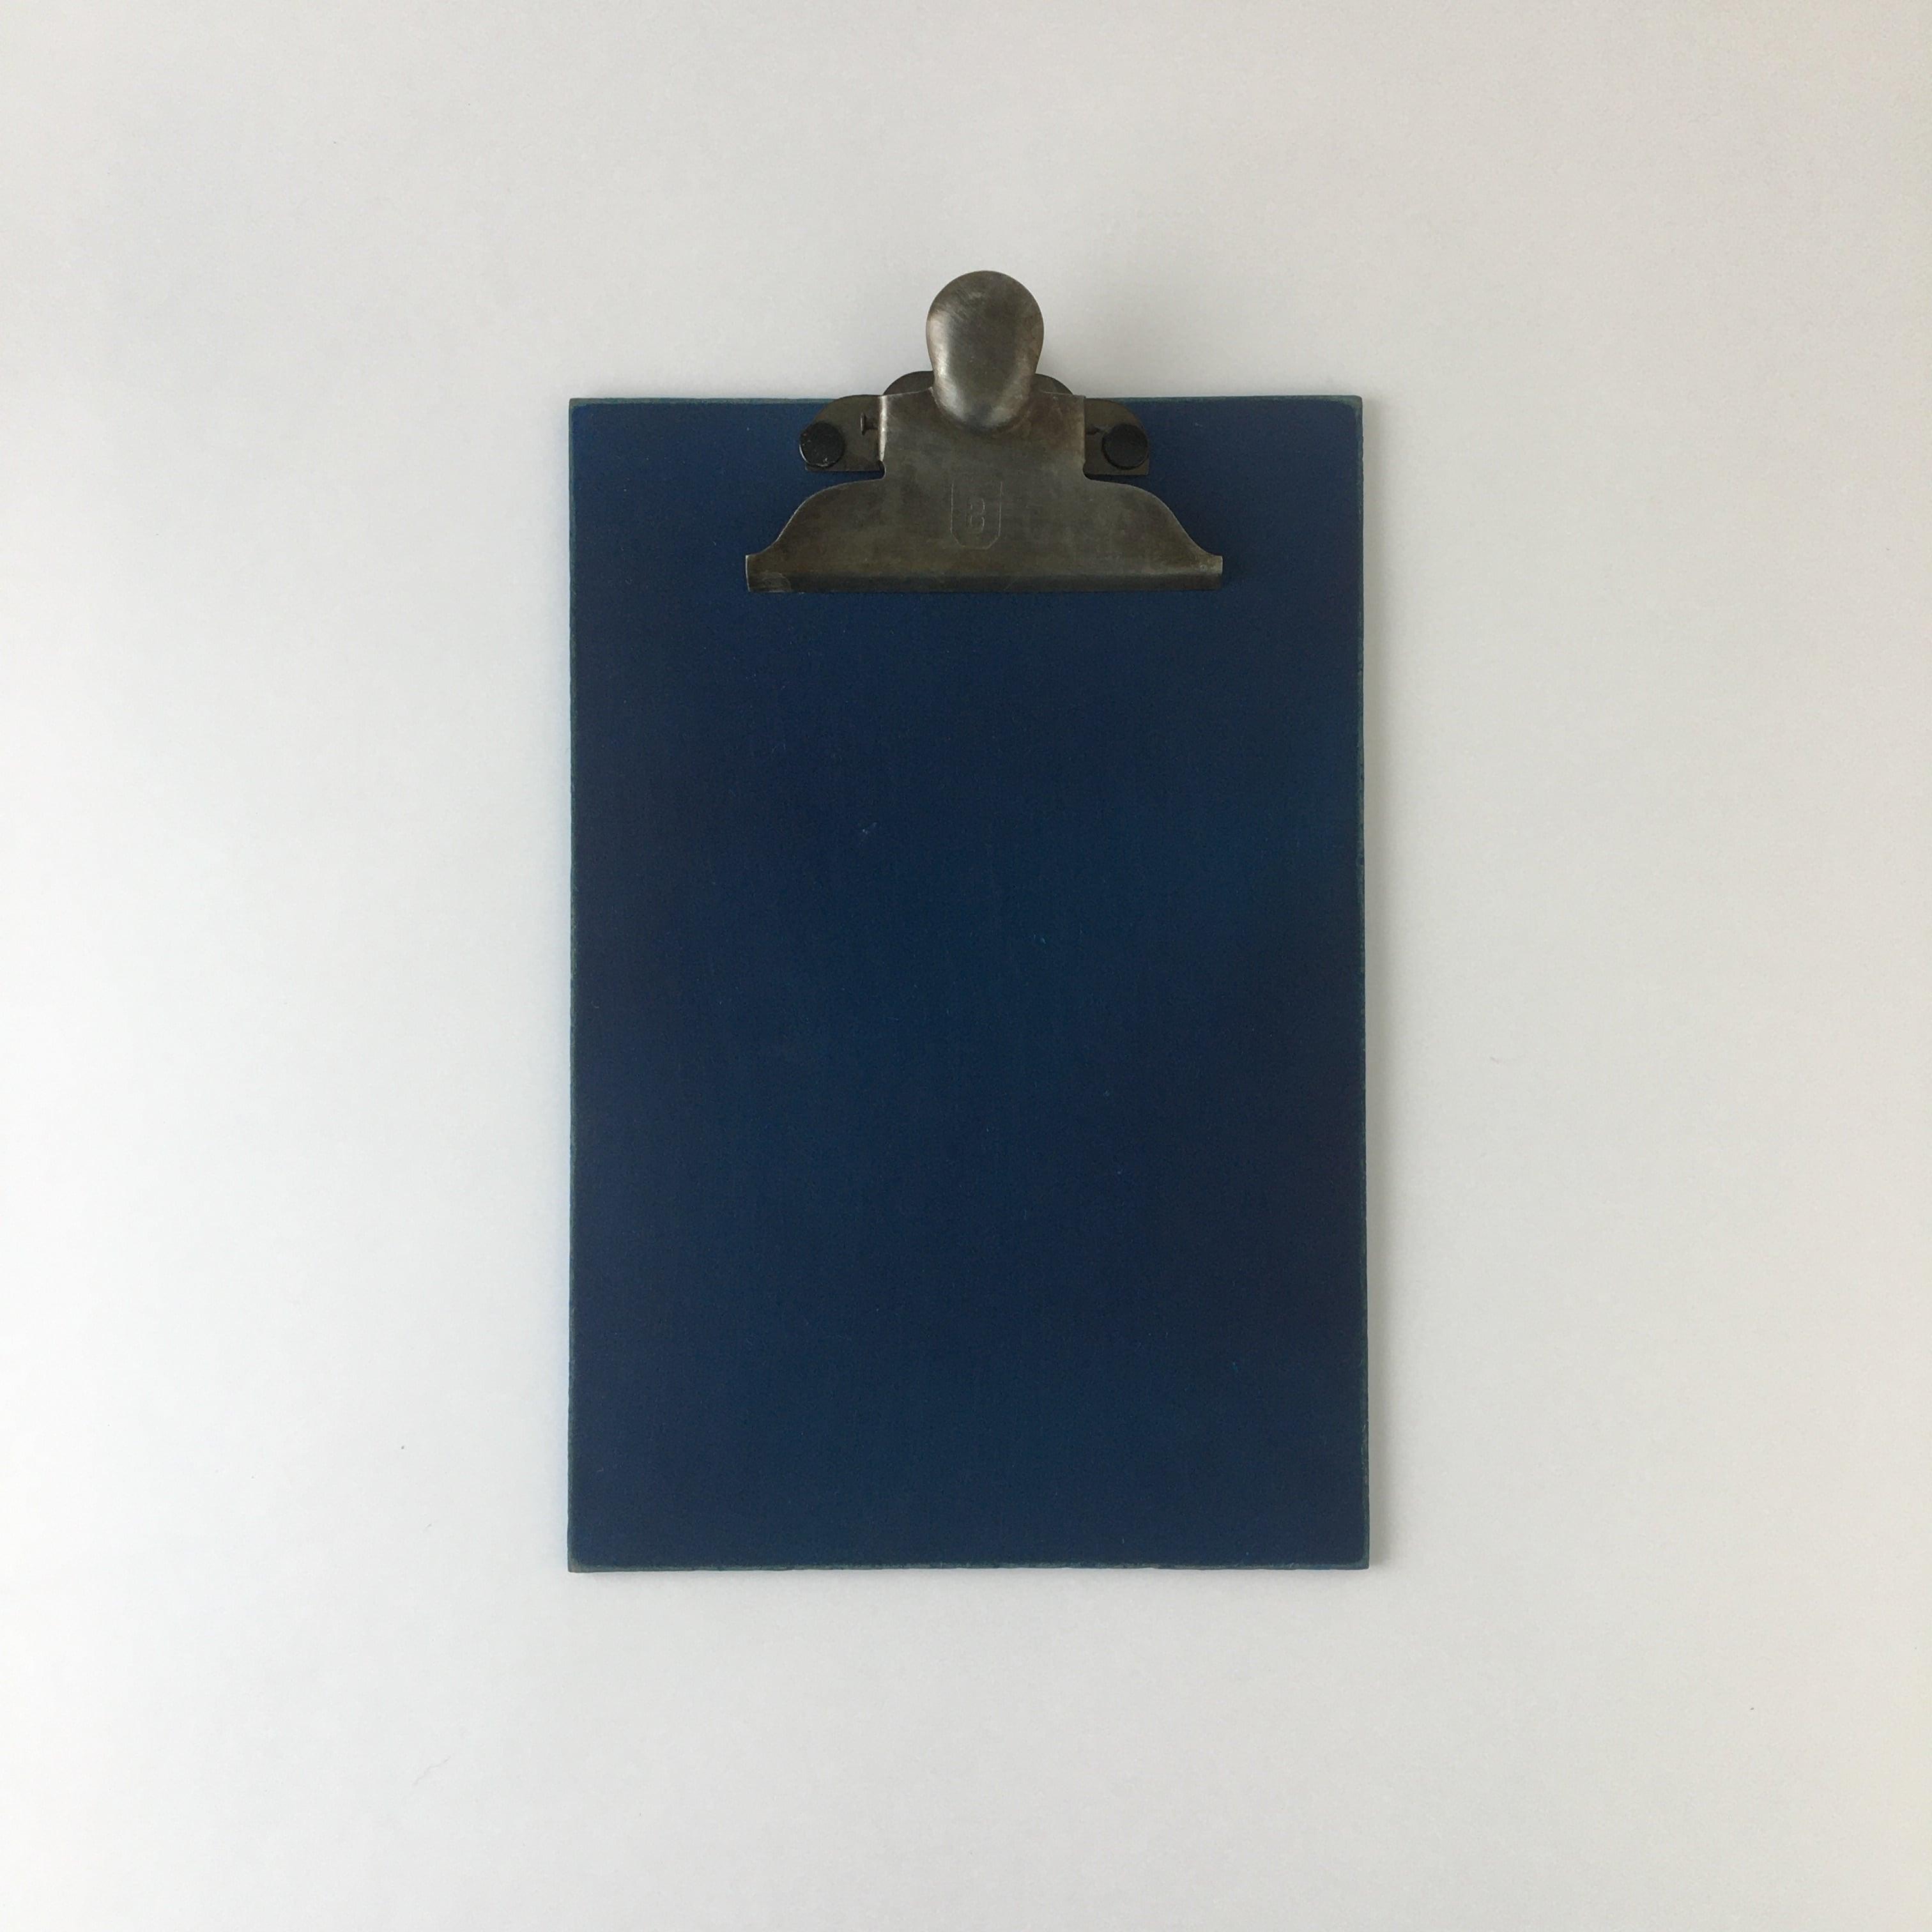 オランダのクリップボード A5(ブルー)2020年 Clip Board A5 Blue